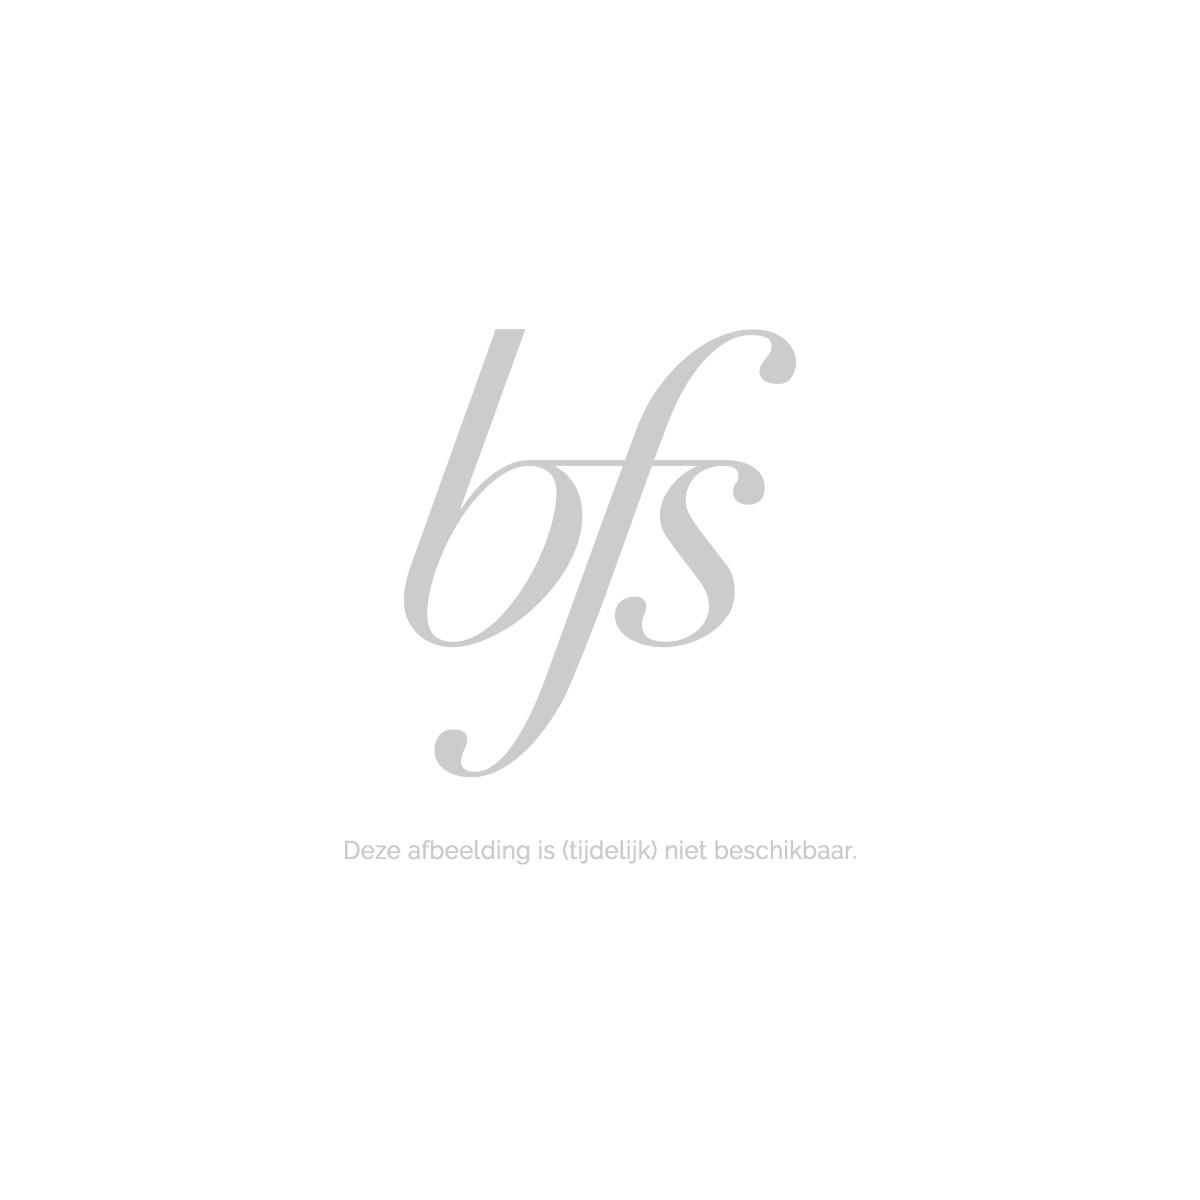 Denman D81M Borstel Natuurlijke Haren Met Nylon Pin